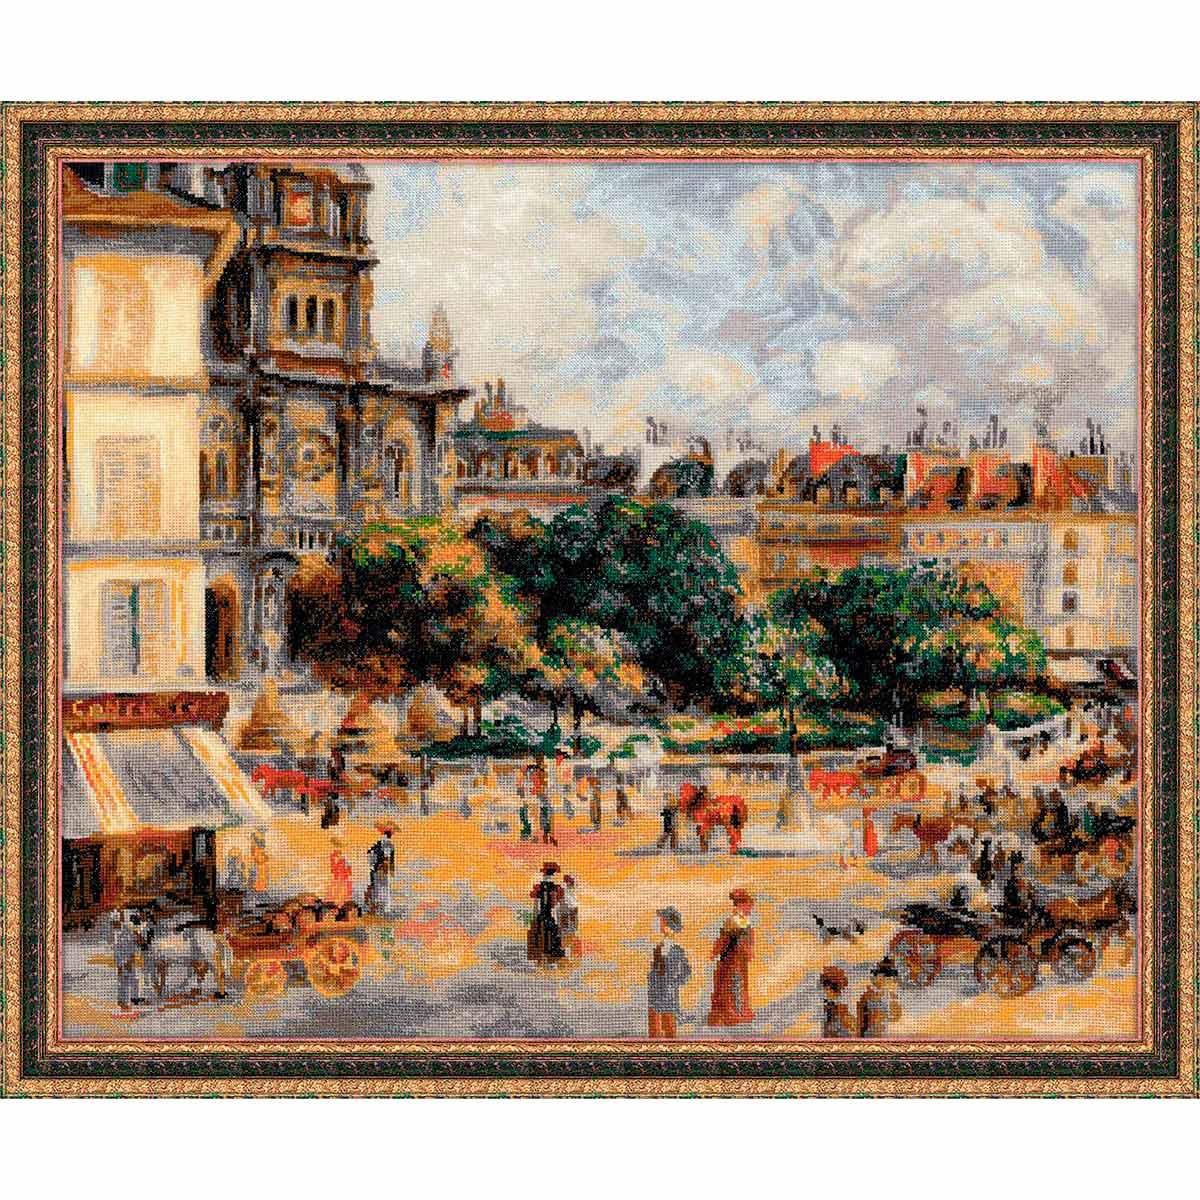 1396 Набор для вышивания Riolis по мотивам картины Пьера Огюста Ренуара 'Площадь Троицы. Париж', 60*50 см